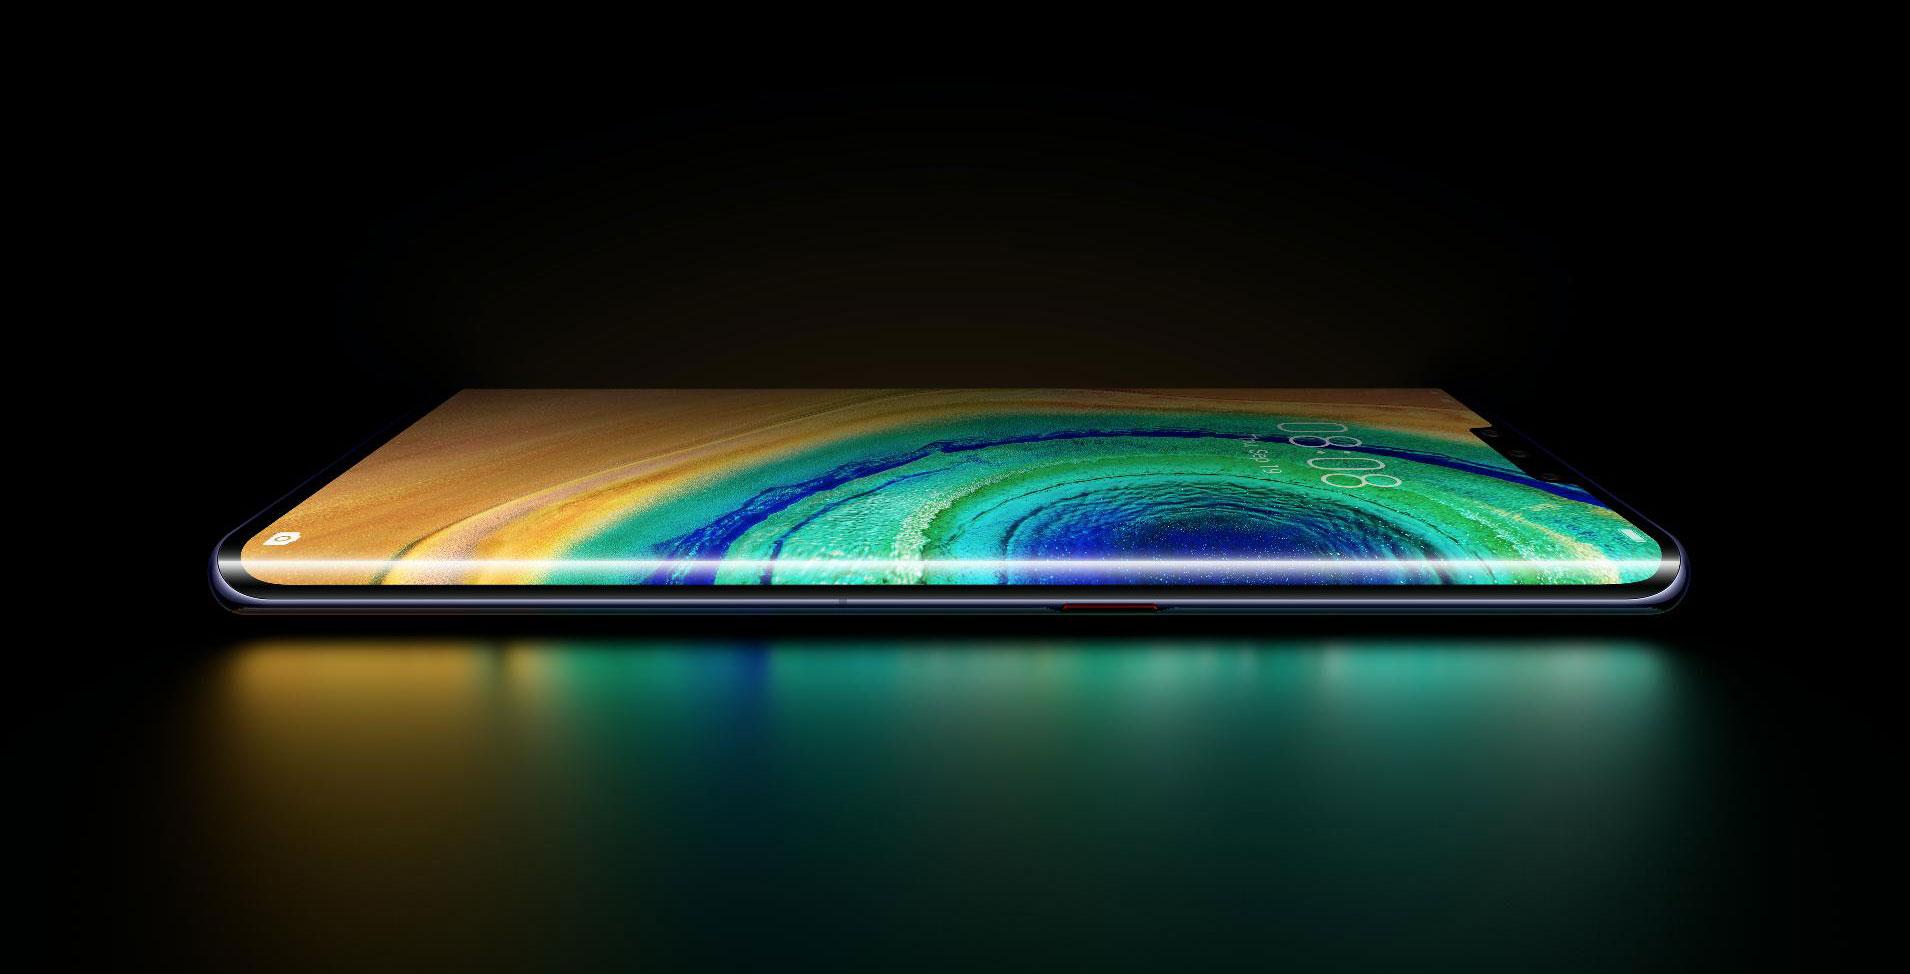 Renders of the Huawei Mate 30 series leaks online